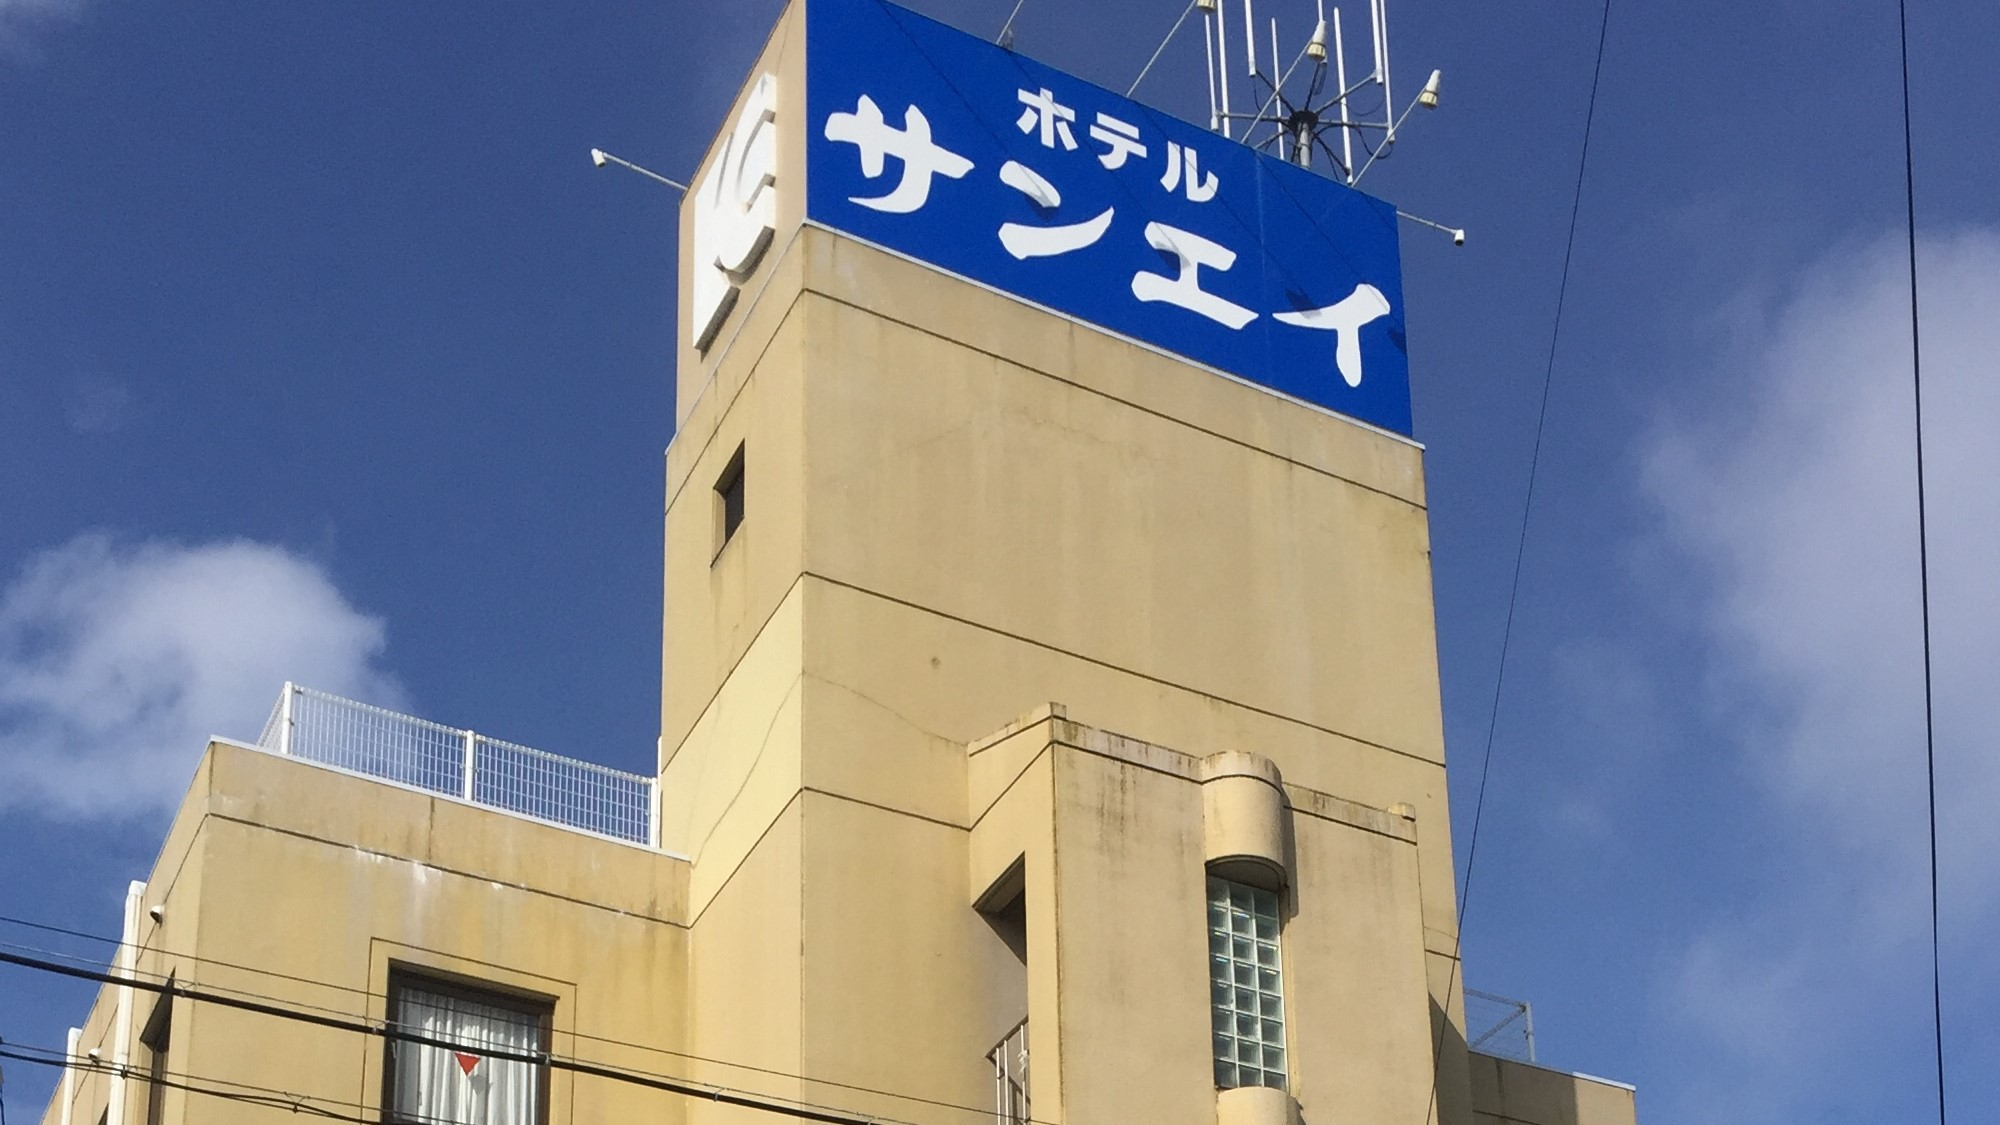 ホテルサンエイ駅前店